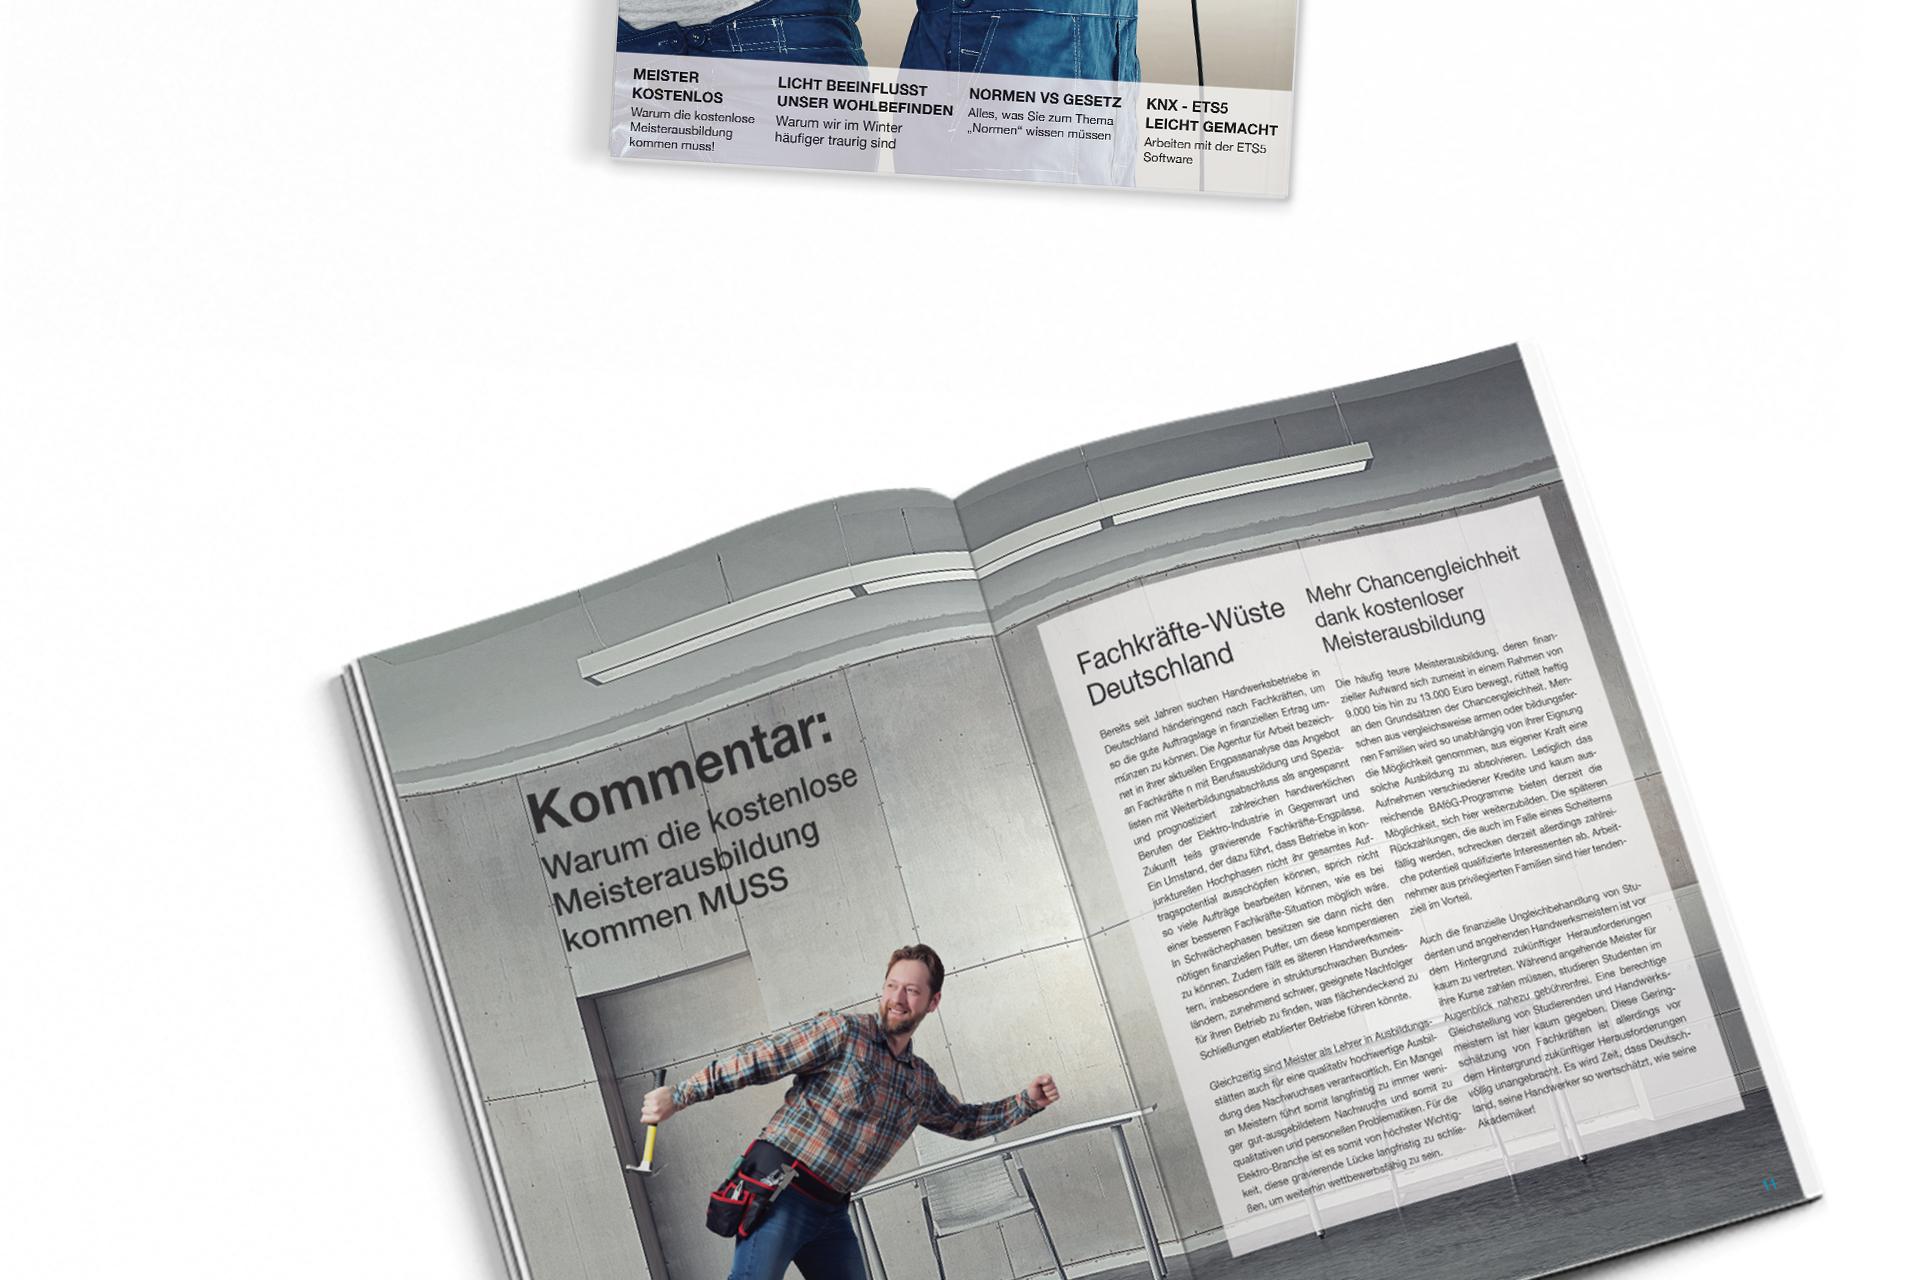 Atemberaubend Schaltplan Design Software Galerie - Der Schaltplan ...